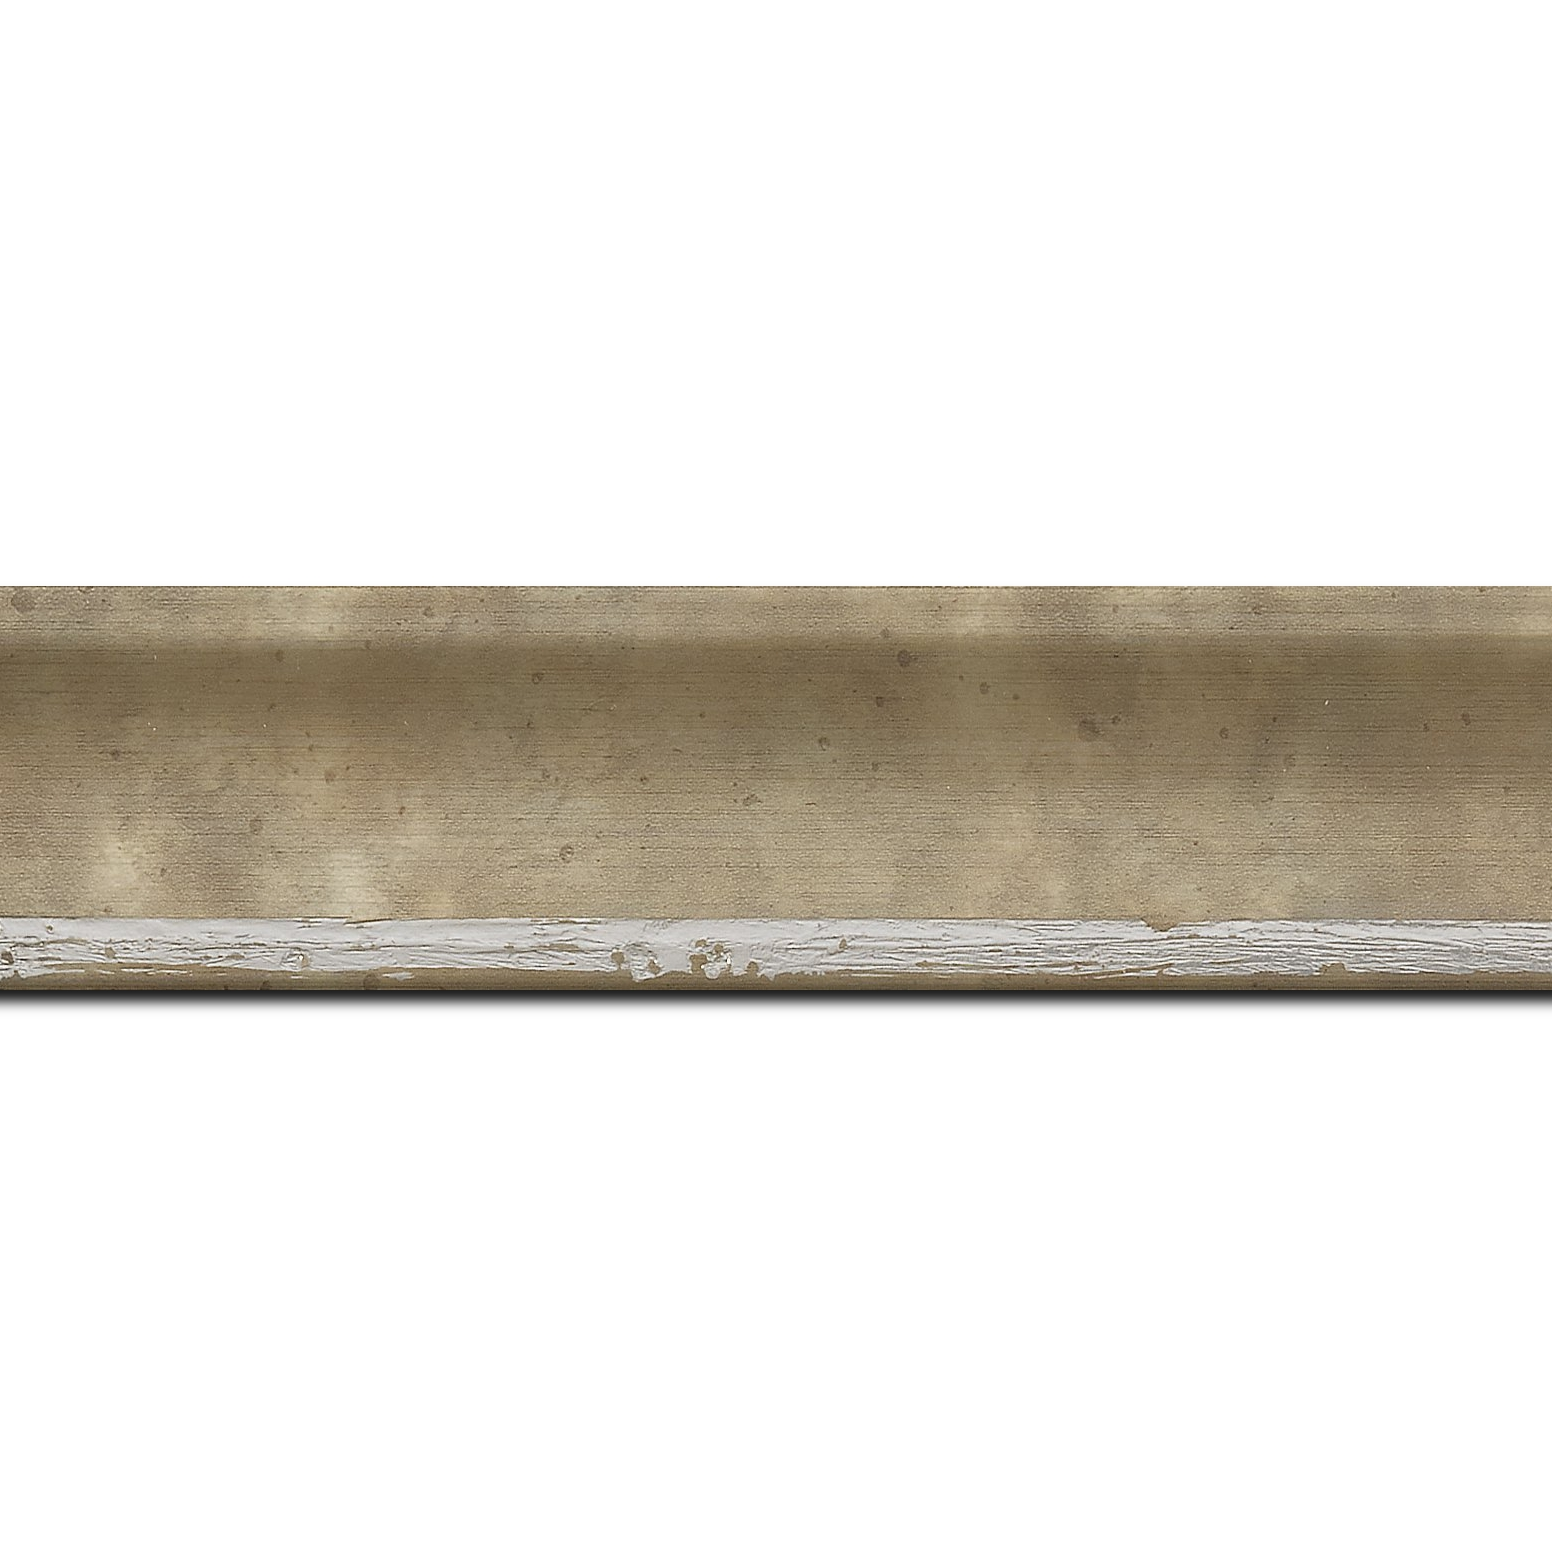 Pack par 12m, bois profil incurvé largeur 3.9cm argent chaud tamisé (longueur baguette pouvant varier entre 2.40m et 3m selon arrivage des bois)